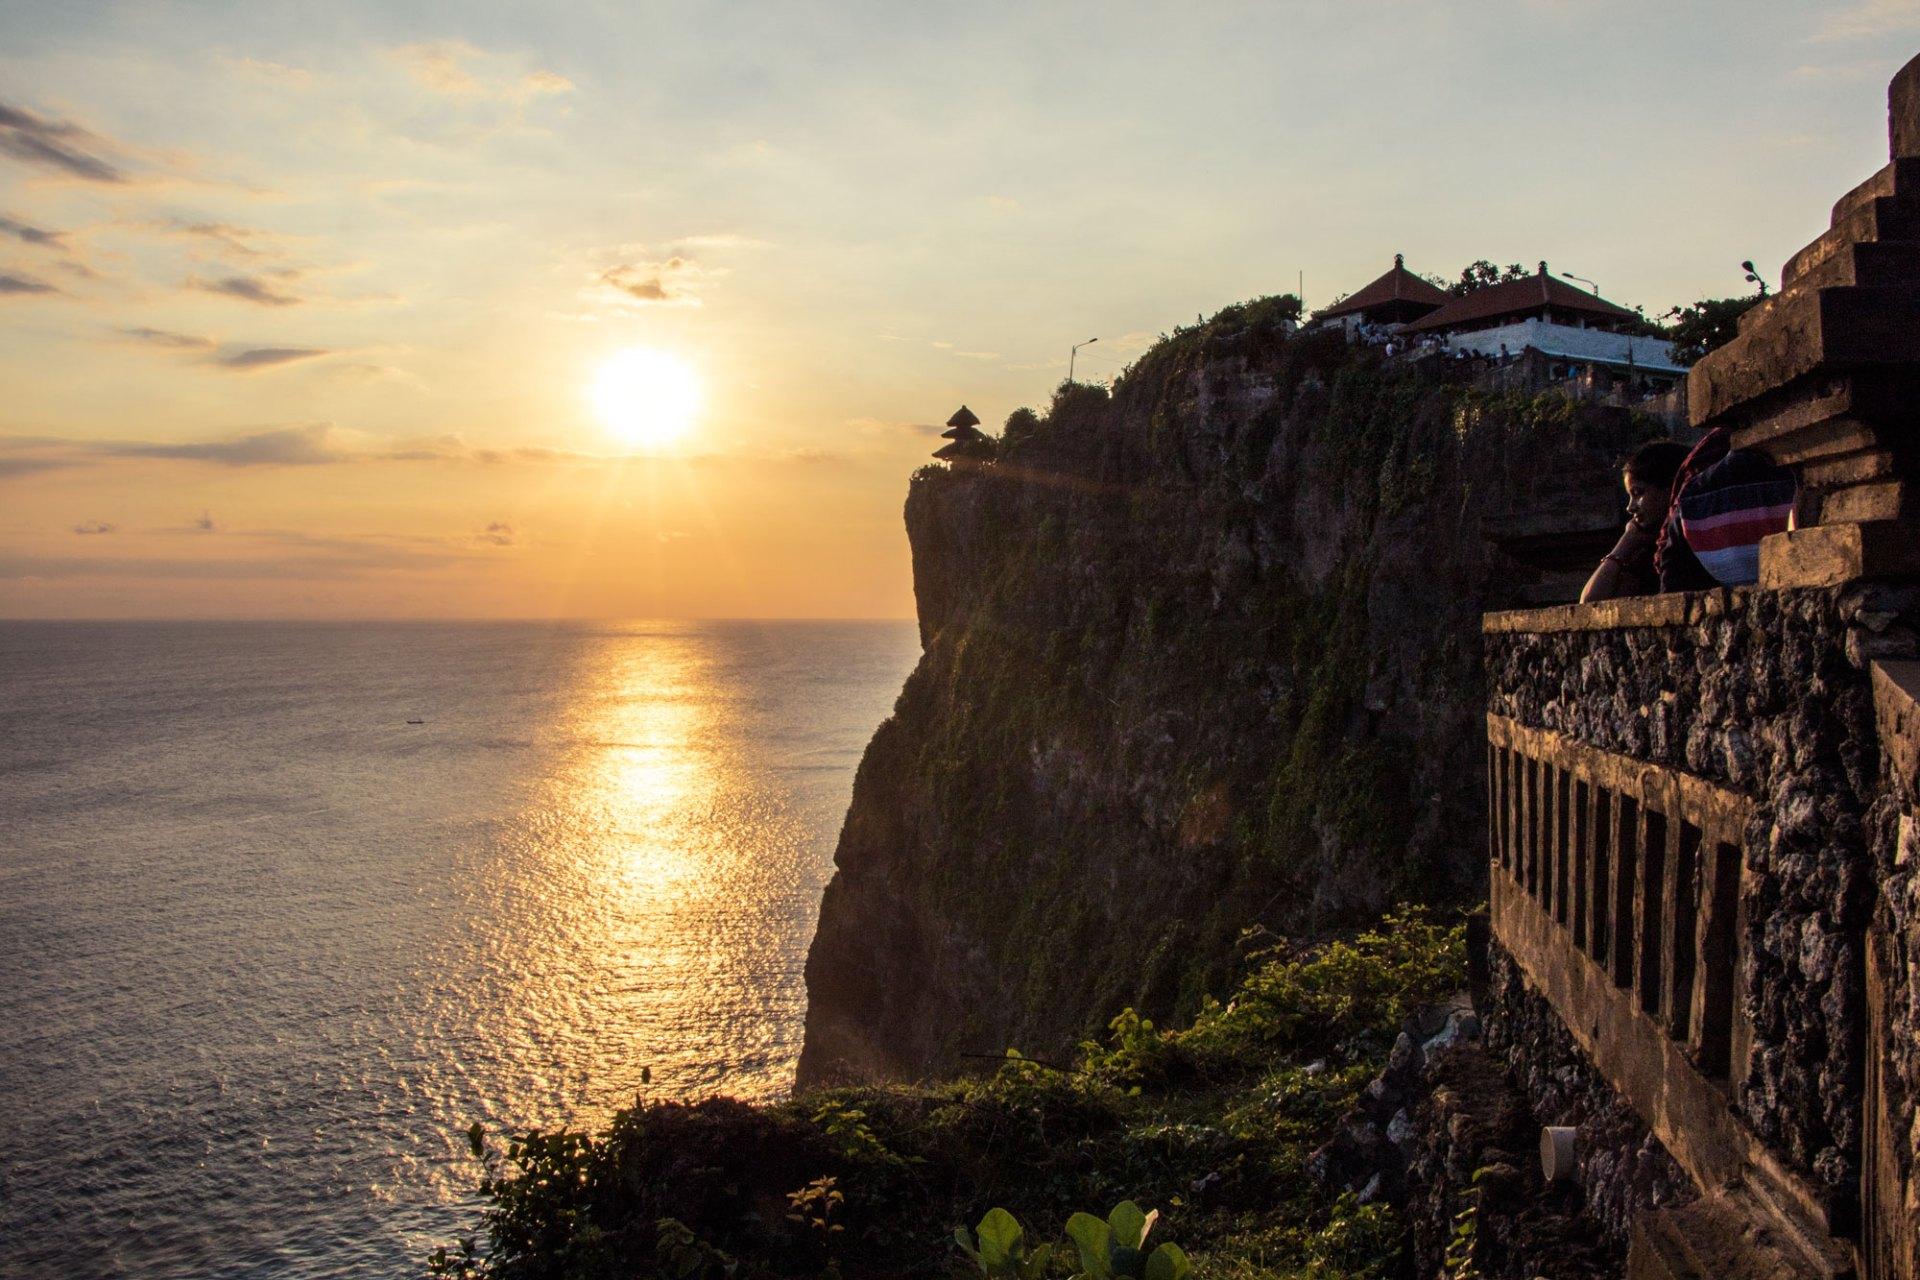 Las 10 mejores cosas que hacer en Uluwatu, Bali